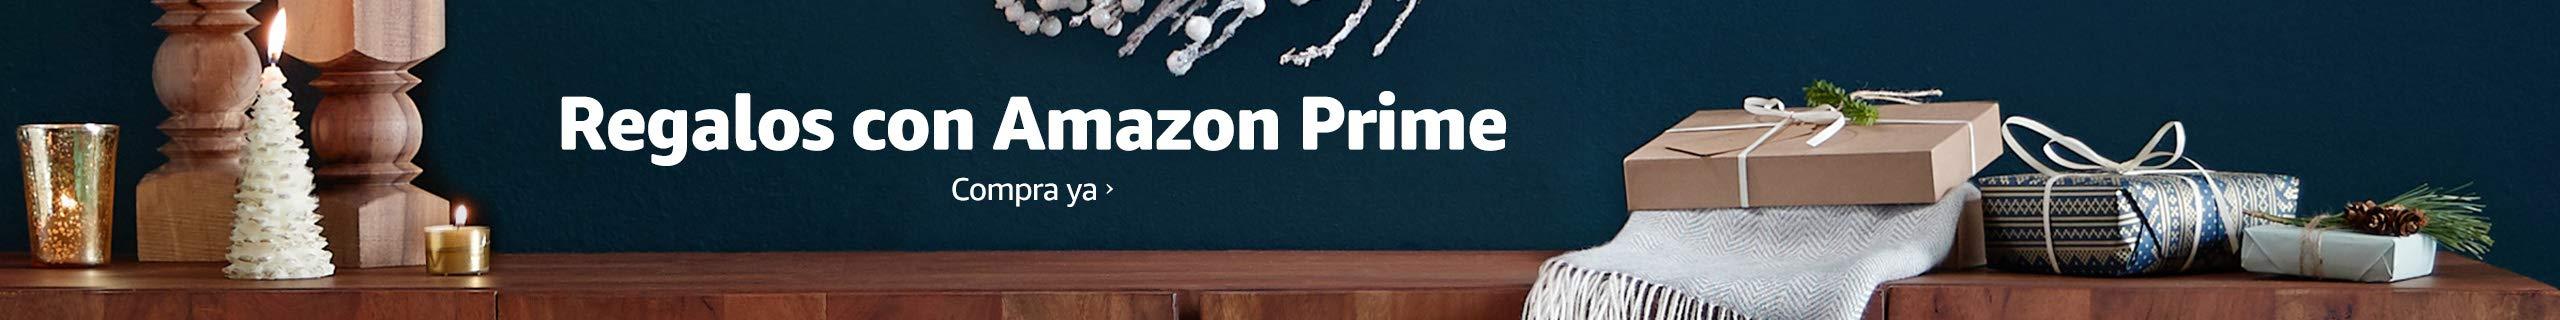 Regalos con Amazon Prime